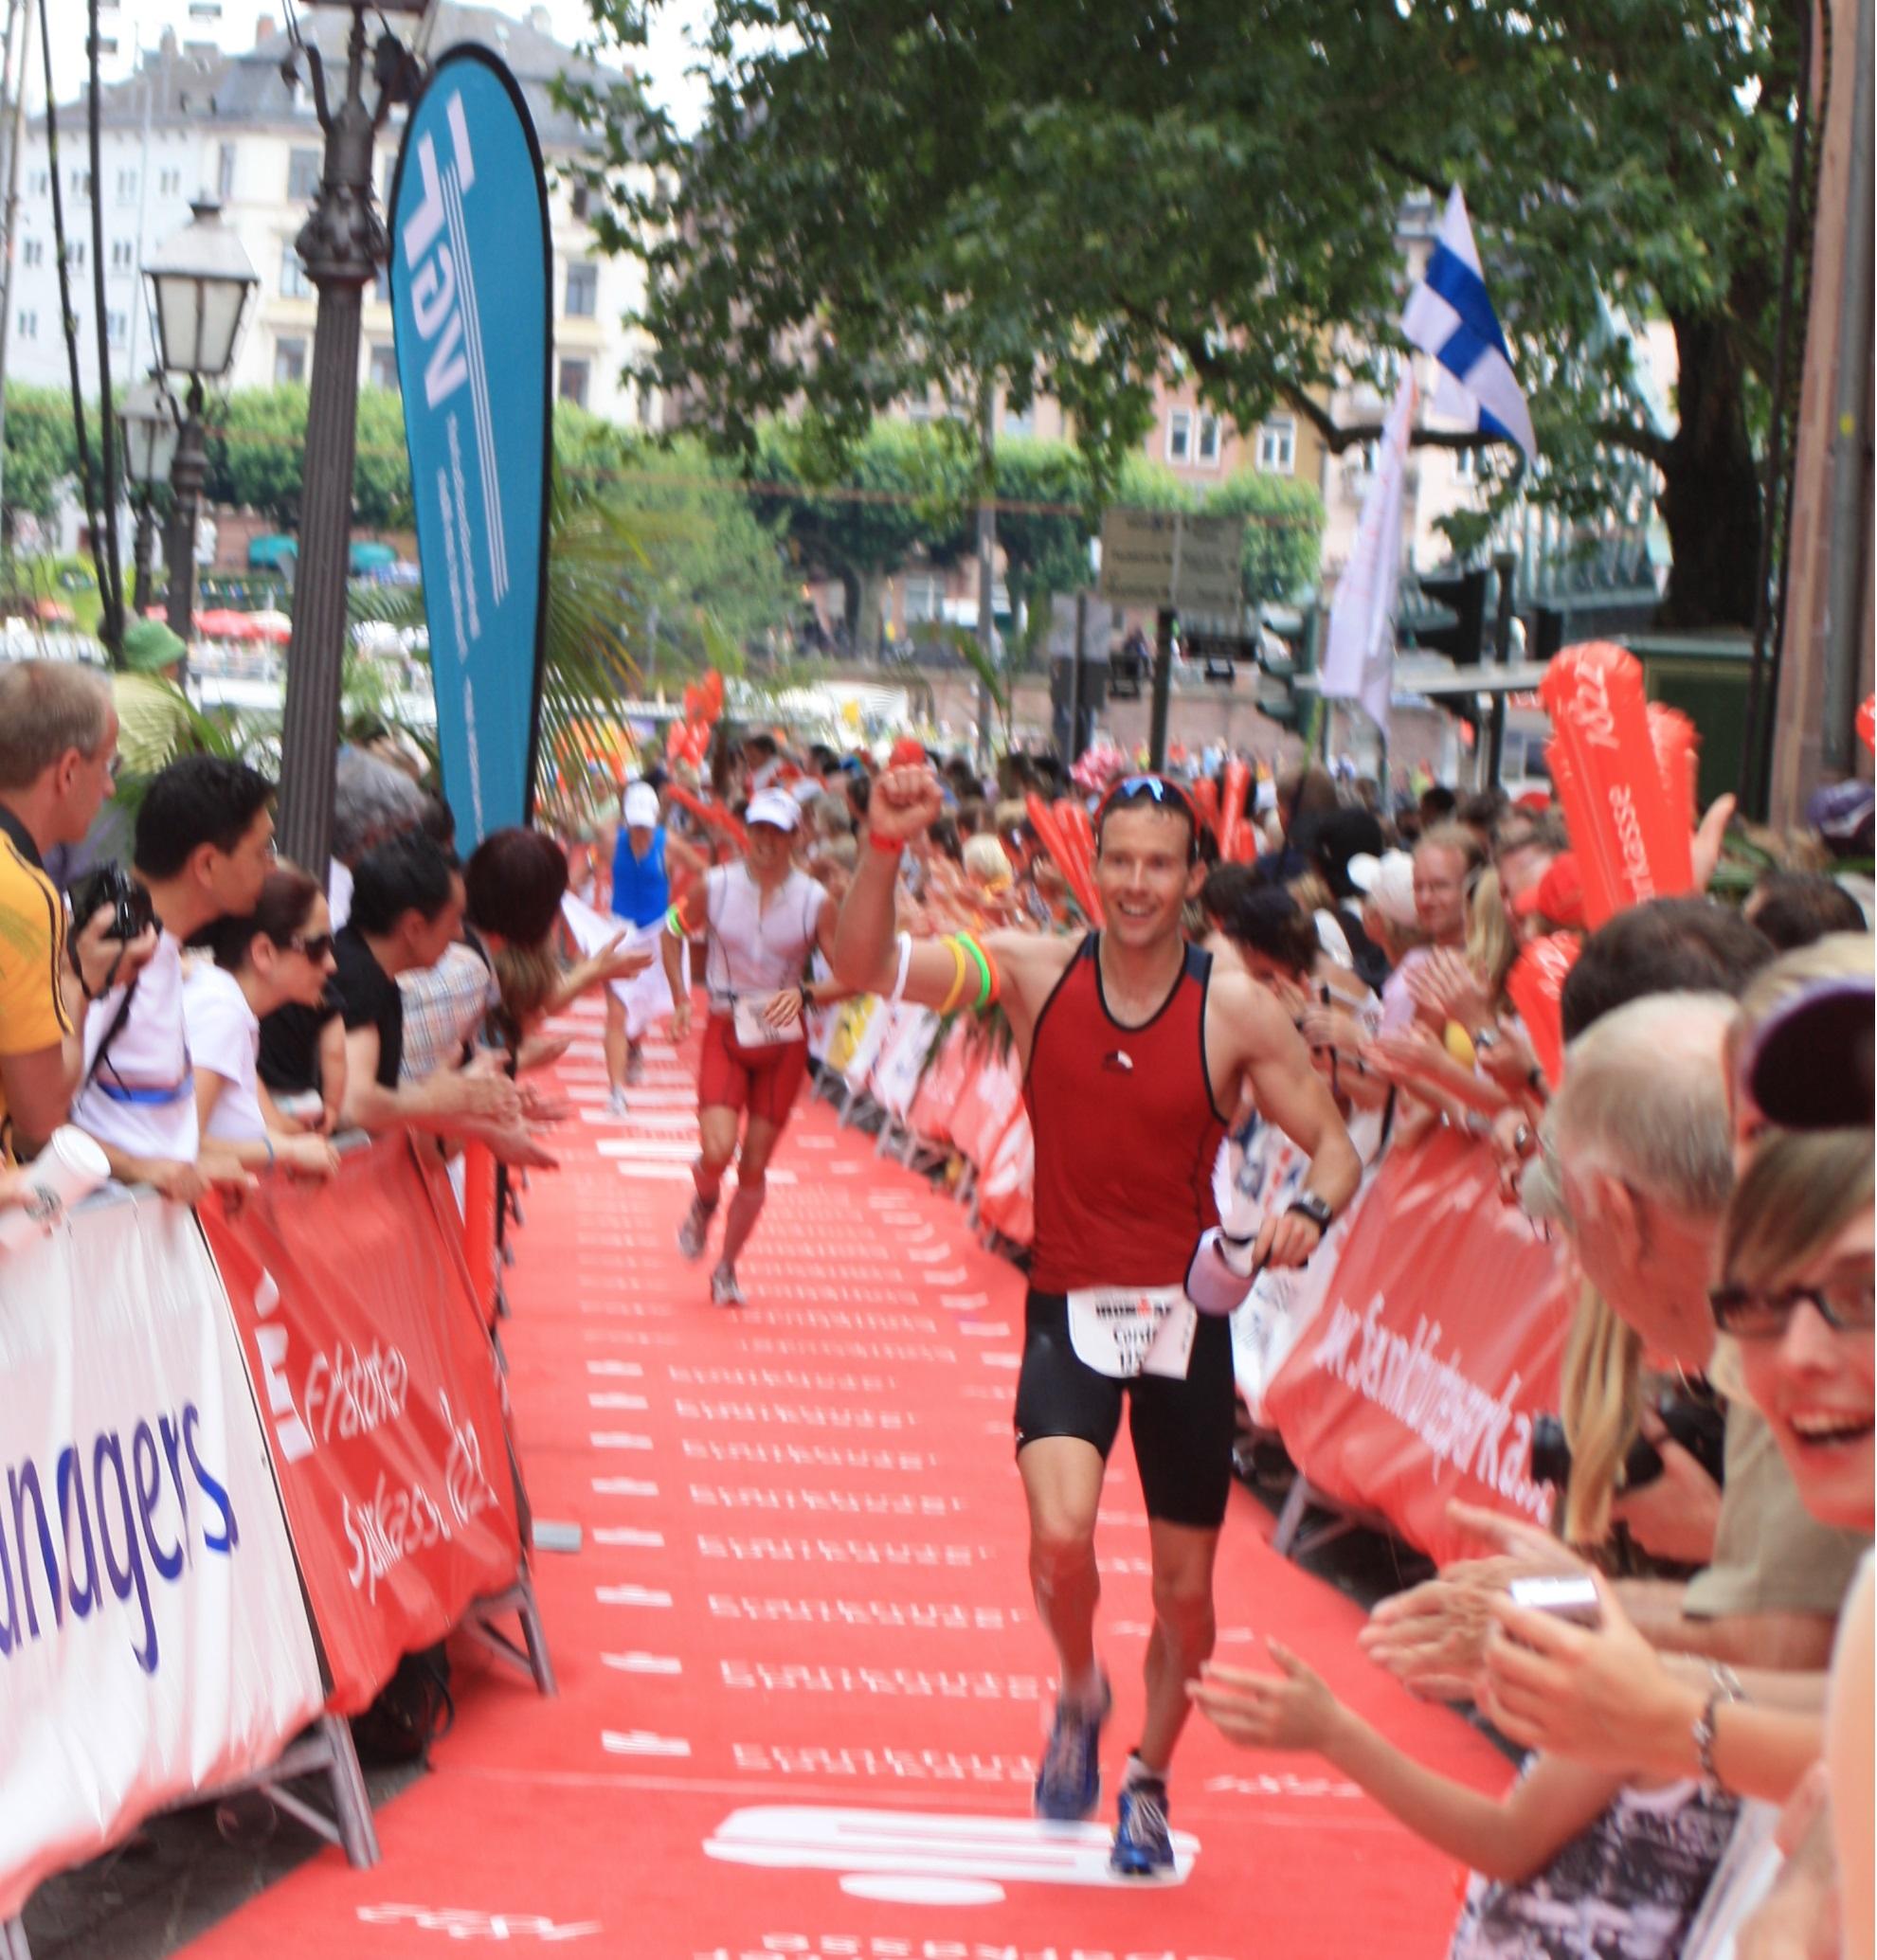 Foto Cordt Grabbe - Personal Trainer in Hameln - beim Ironman